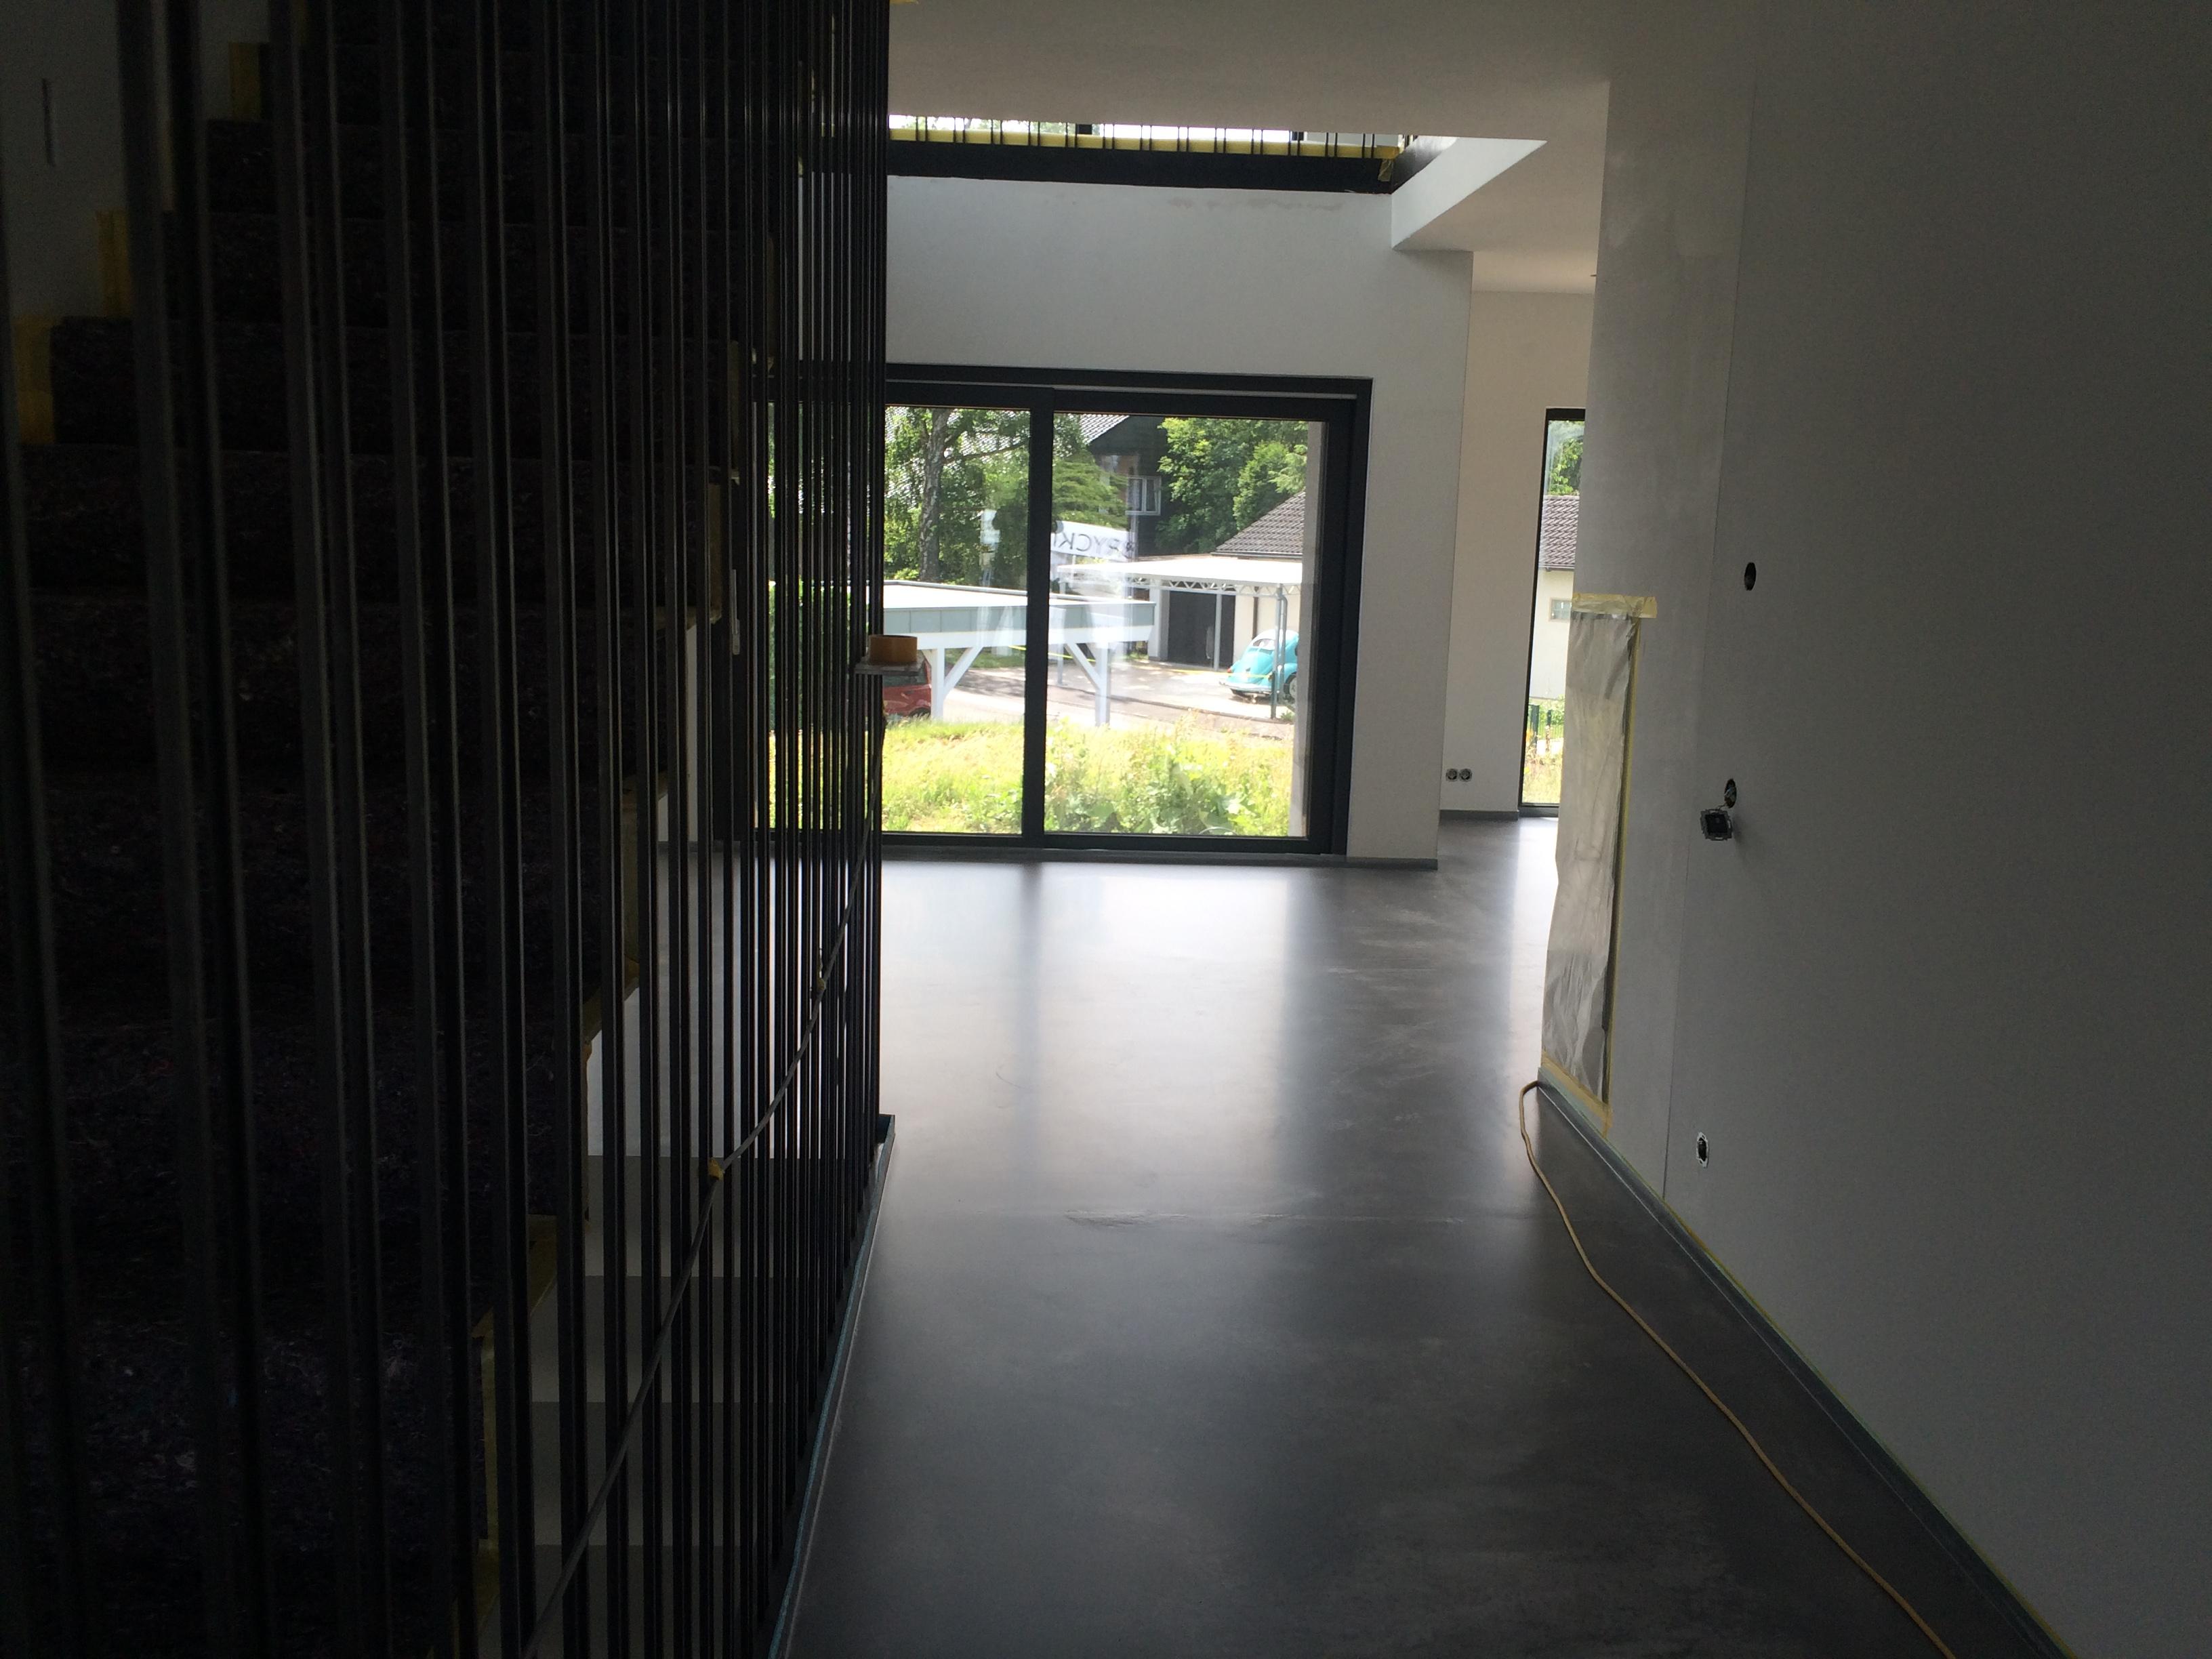 estrich versiegeln wohnraum latest der geschliffen und versiegelt wurde um eine fugenlose und. Black Bedroom Furniture Sets. Home Design Ideas